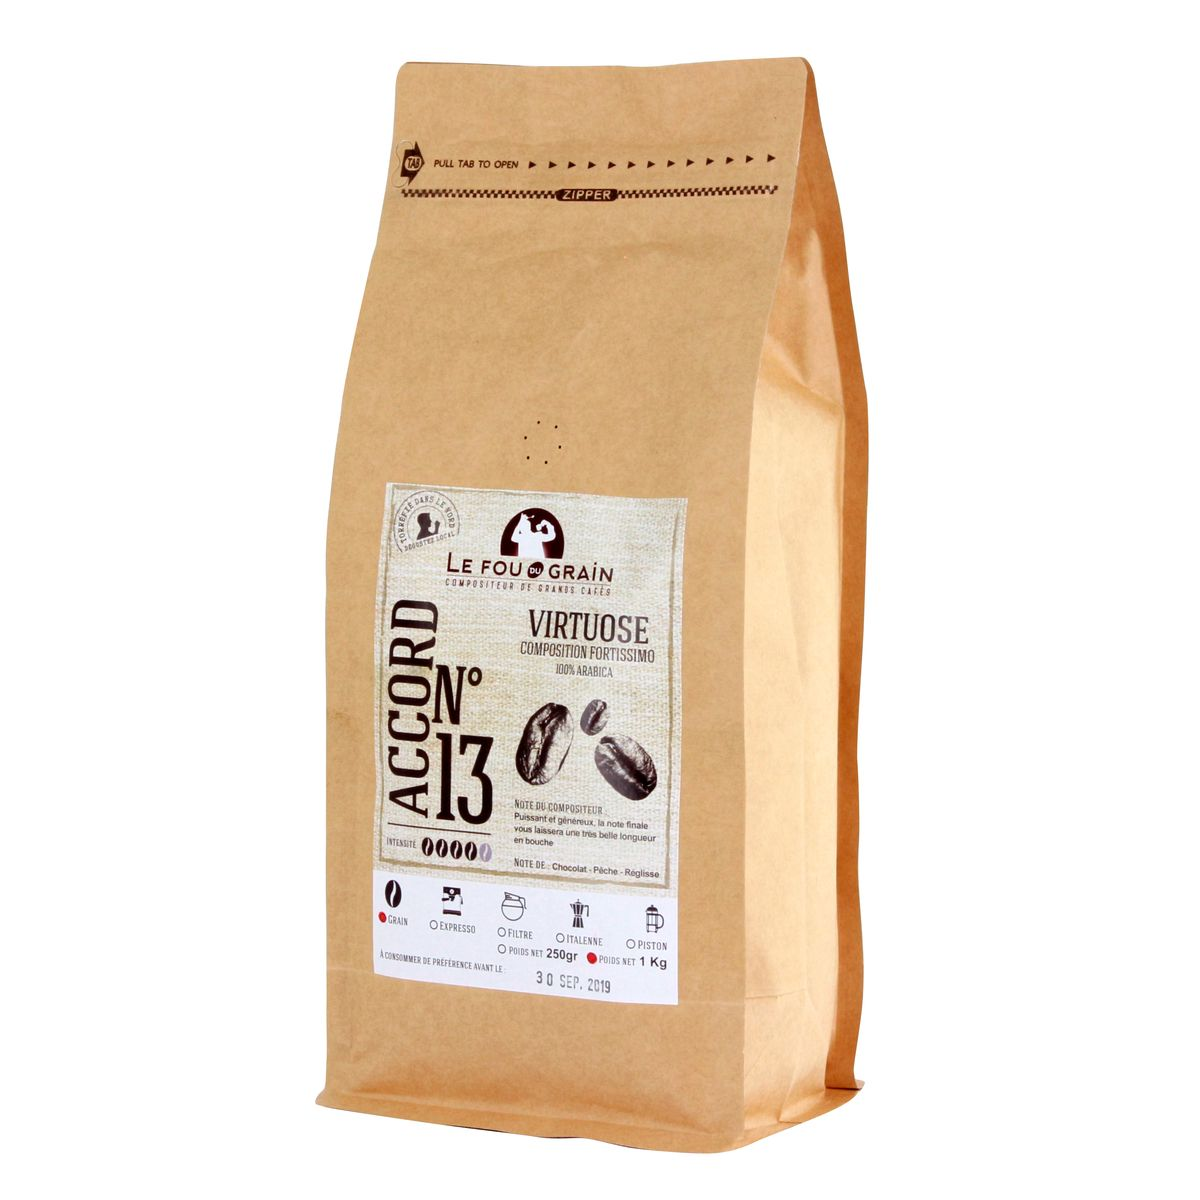 Café en grains 1kg Virtuose n°13 - Le Fou du Grain